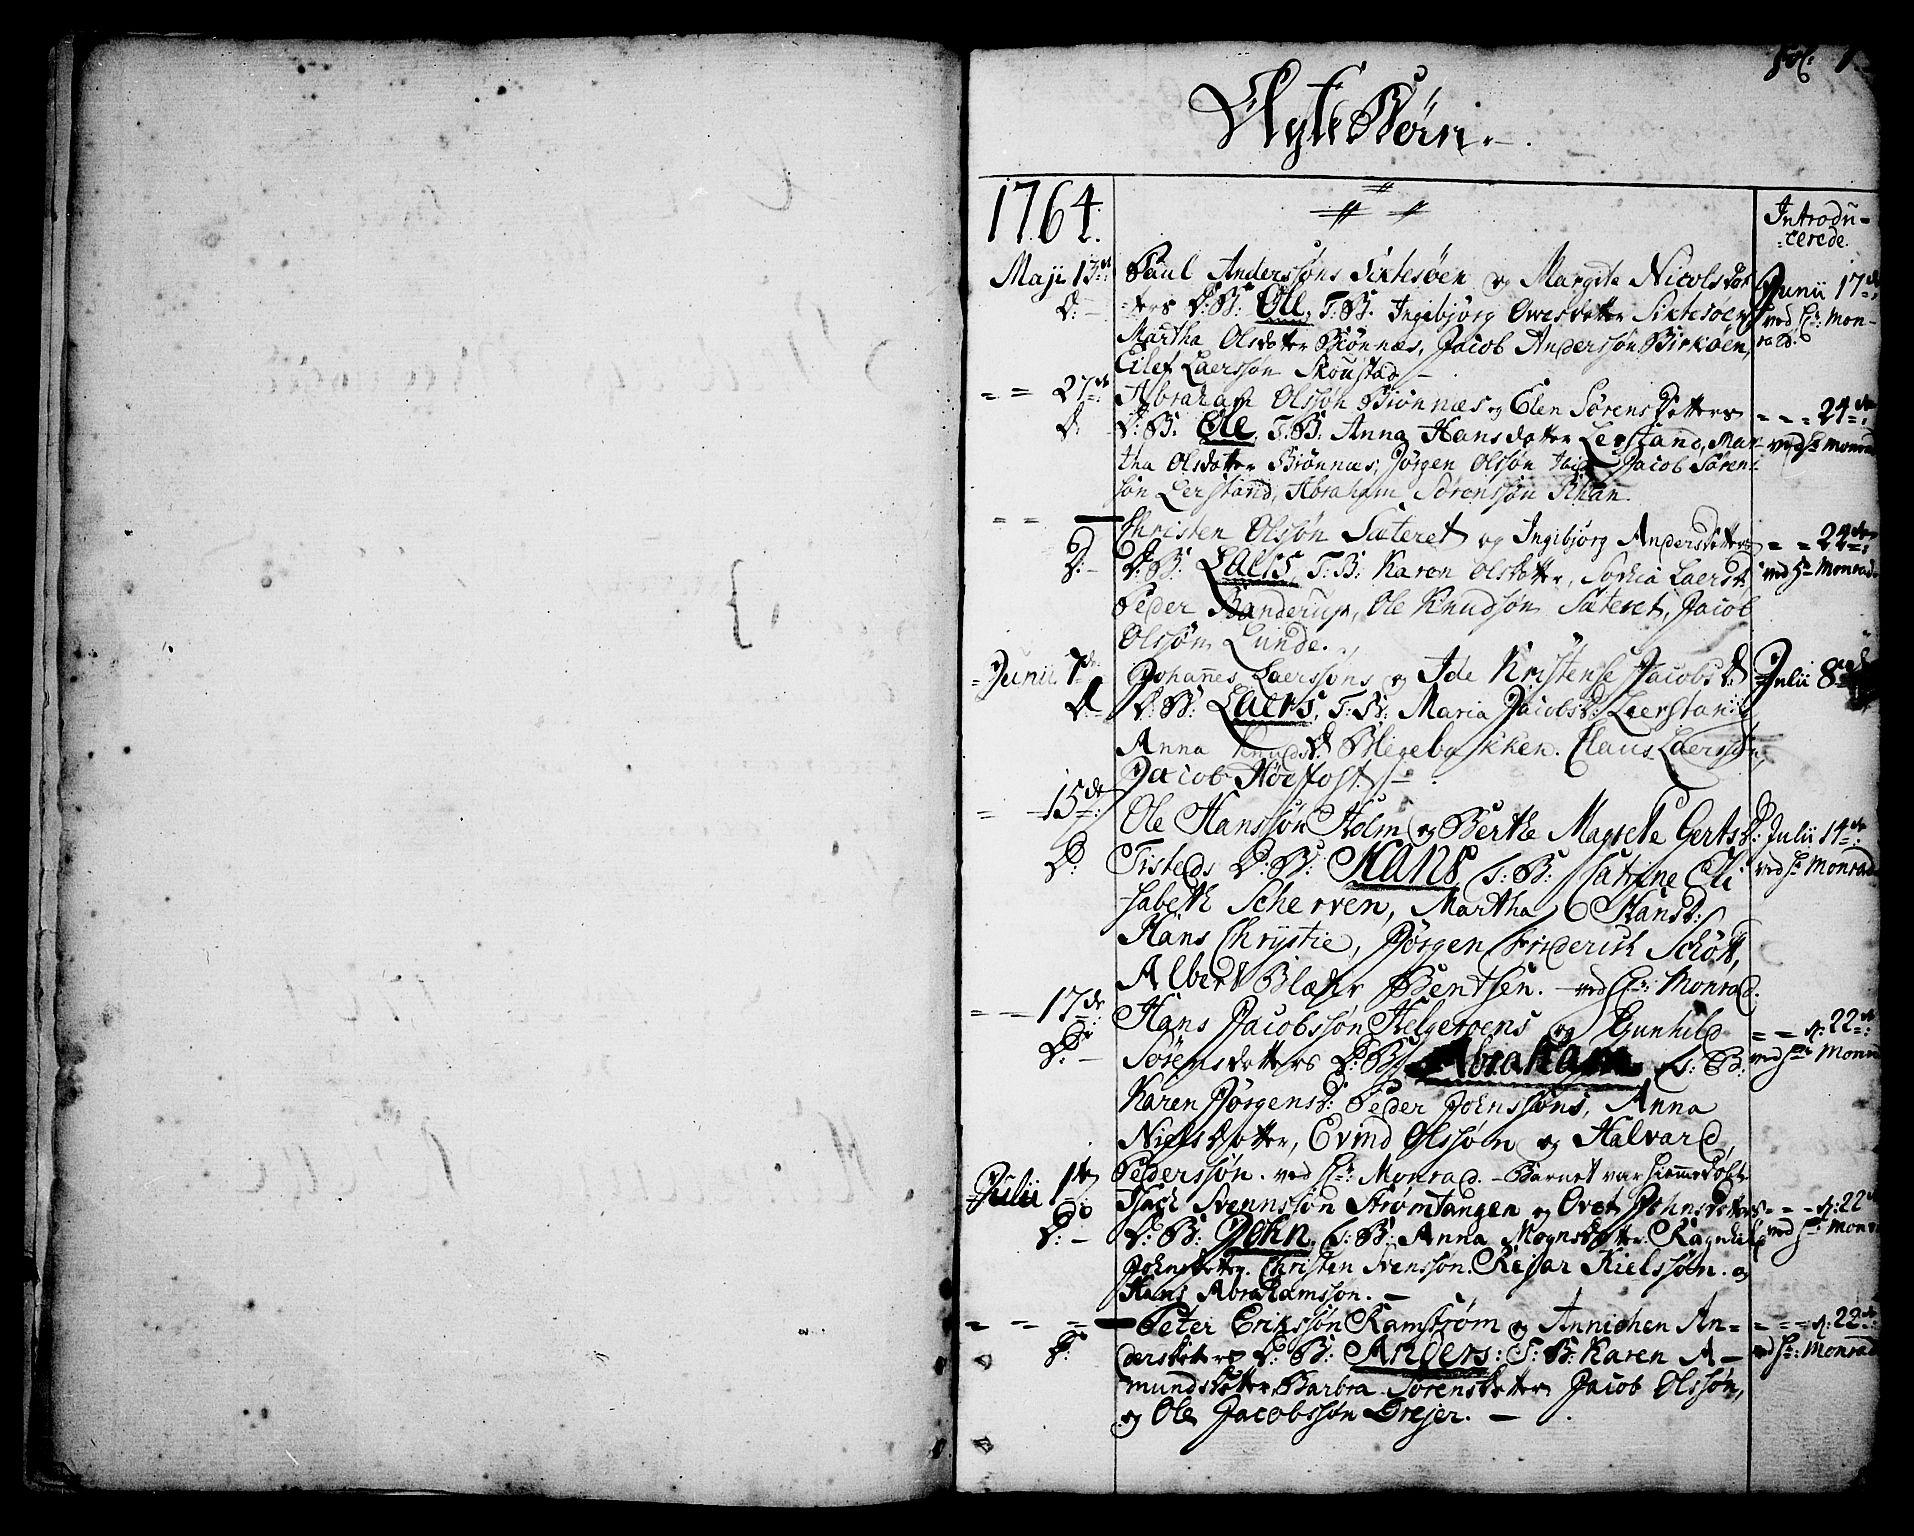 SAKO, Brevik kirkebøker, F/Fa/L0003: Ministerialbok nr. 3, 1764-1814, s. 1